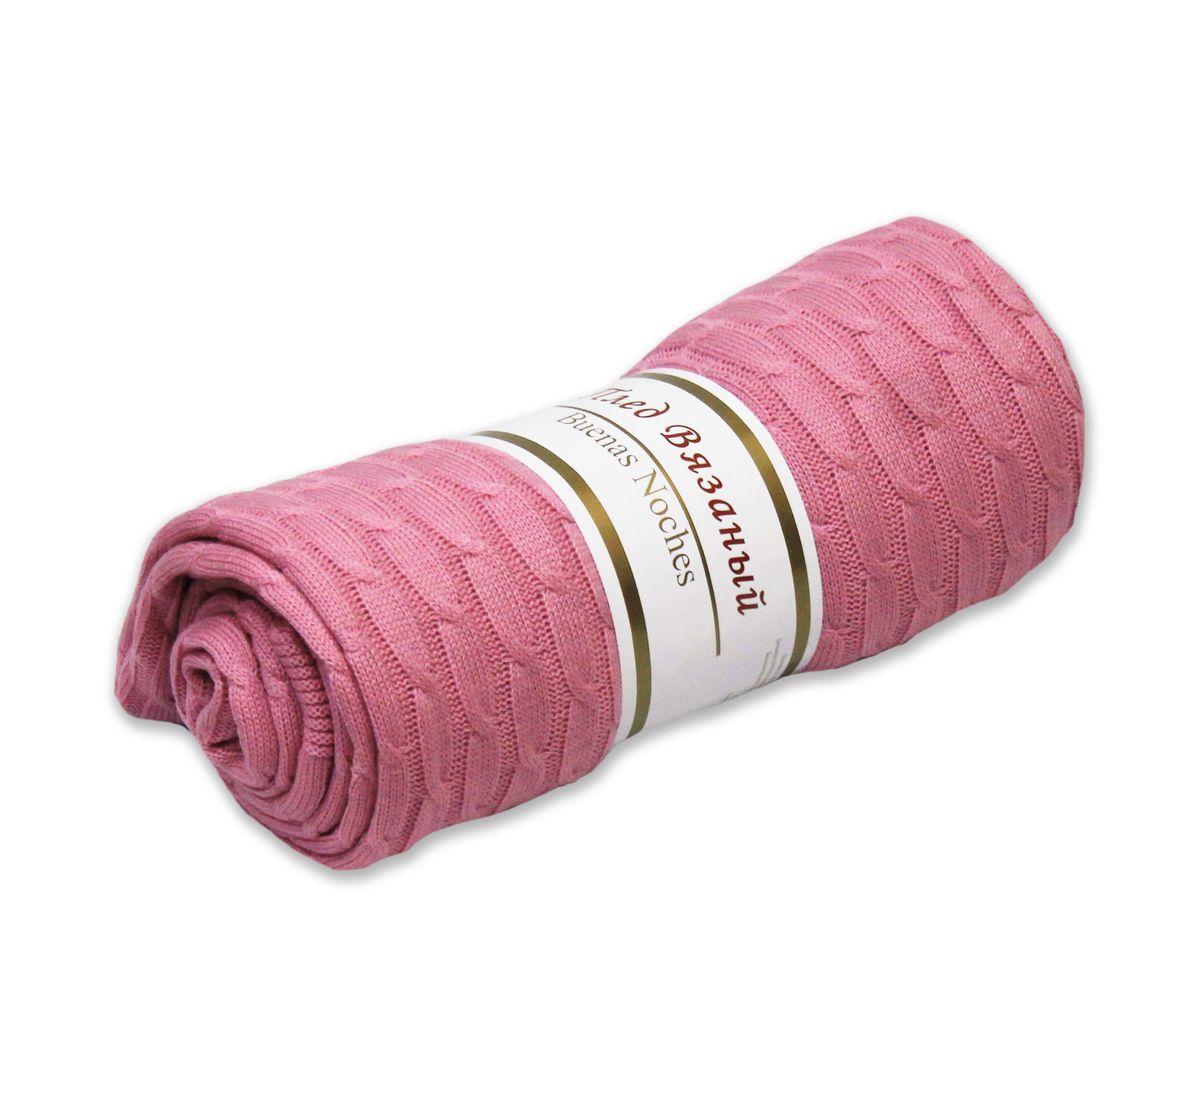 Плед вязаный Buenas Noches Manhattan, цвет: розовый, 180 х 200 смES-412Вязаный плед Buenas Noches Manhattan - идеальное решение для вашего интерьера. Плед изготовлен из 100% акрила - современного высококачественного материала, который обладает замечательными свойствами. Изделия из акрила прекрасно сохраняют форму, не деформируются, не мнутся, всегда выглядят аккуратно, сохраняют размер и привлекательный внешний вид долгое время. Акрил идеален при использовании под открытым небом, так как обладает свойством водоотталкивания и быстро высыхает. Материал гипоаллергенный, безопасный, стойкий к воздействию живых организмов, волокнам не страшна плесень. Плед мягкий, приятный на ощупь, великолепный на вид, он обладает низкой теплопроводностью, замечательно сохраняет тепло. Беспрецедентная стойкость и ровность красок позволит пледу не выгореть на солнце и остаться первозданно ярким в течение продолжительного времени. Продукция Buenas Noches сделана с особой заботой, специально для вас и уюта в вашем доме! Рекомендации по уходу: - Ручная стирка, - Не отбеливать, - Сушить при низкой температуре, - Деликатные отжим и сушка. Плотность плетения ткани: 240 г/м2.